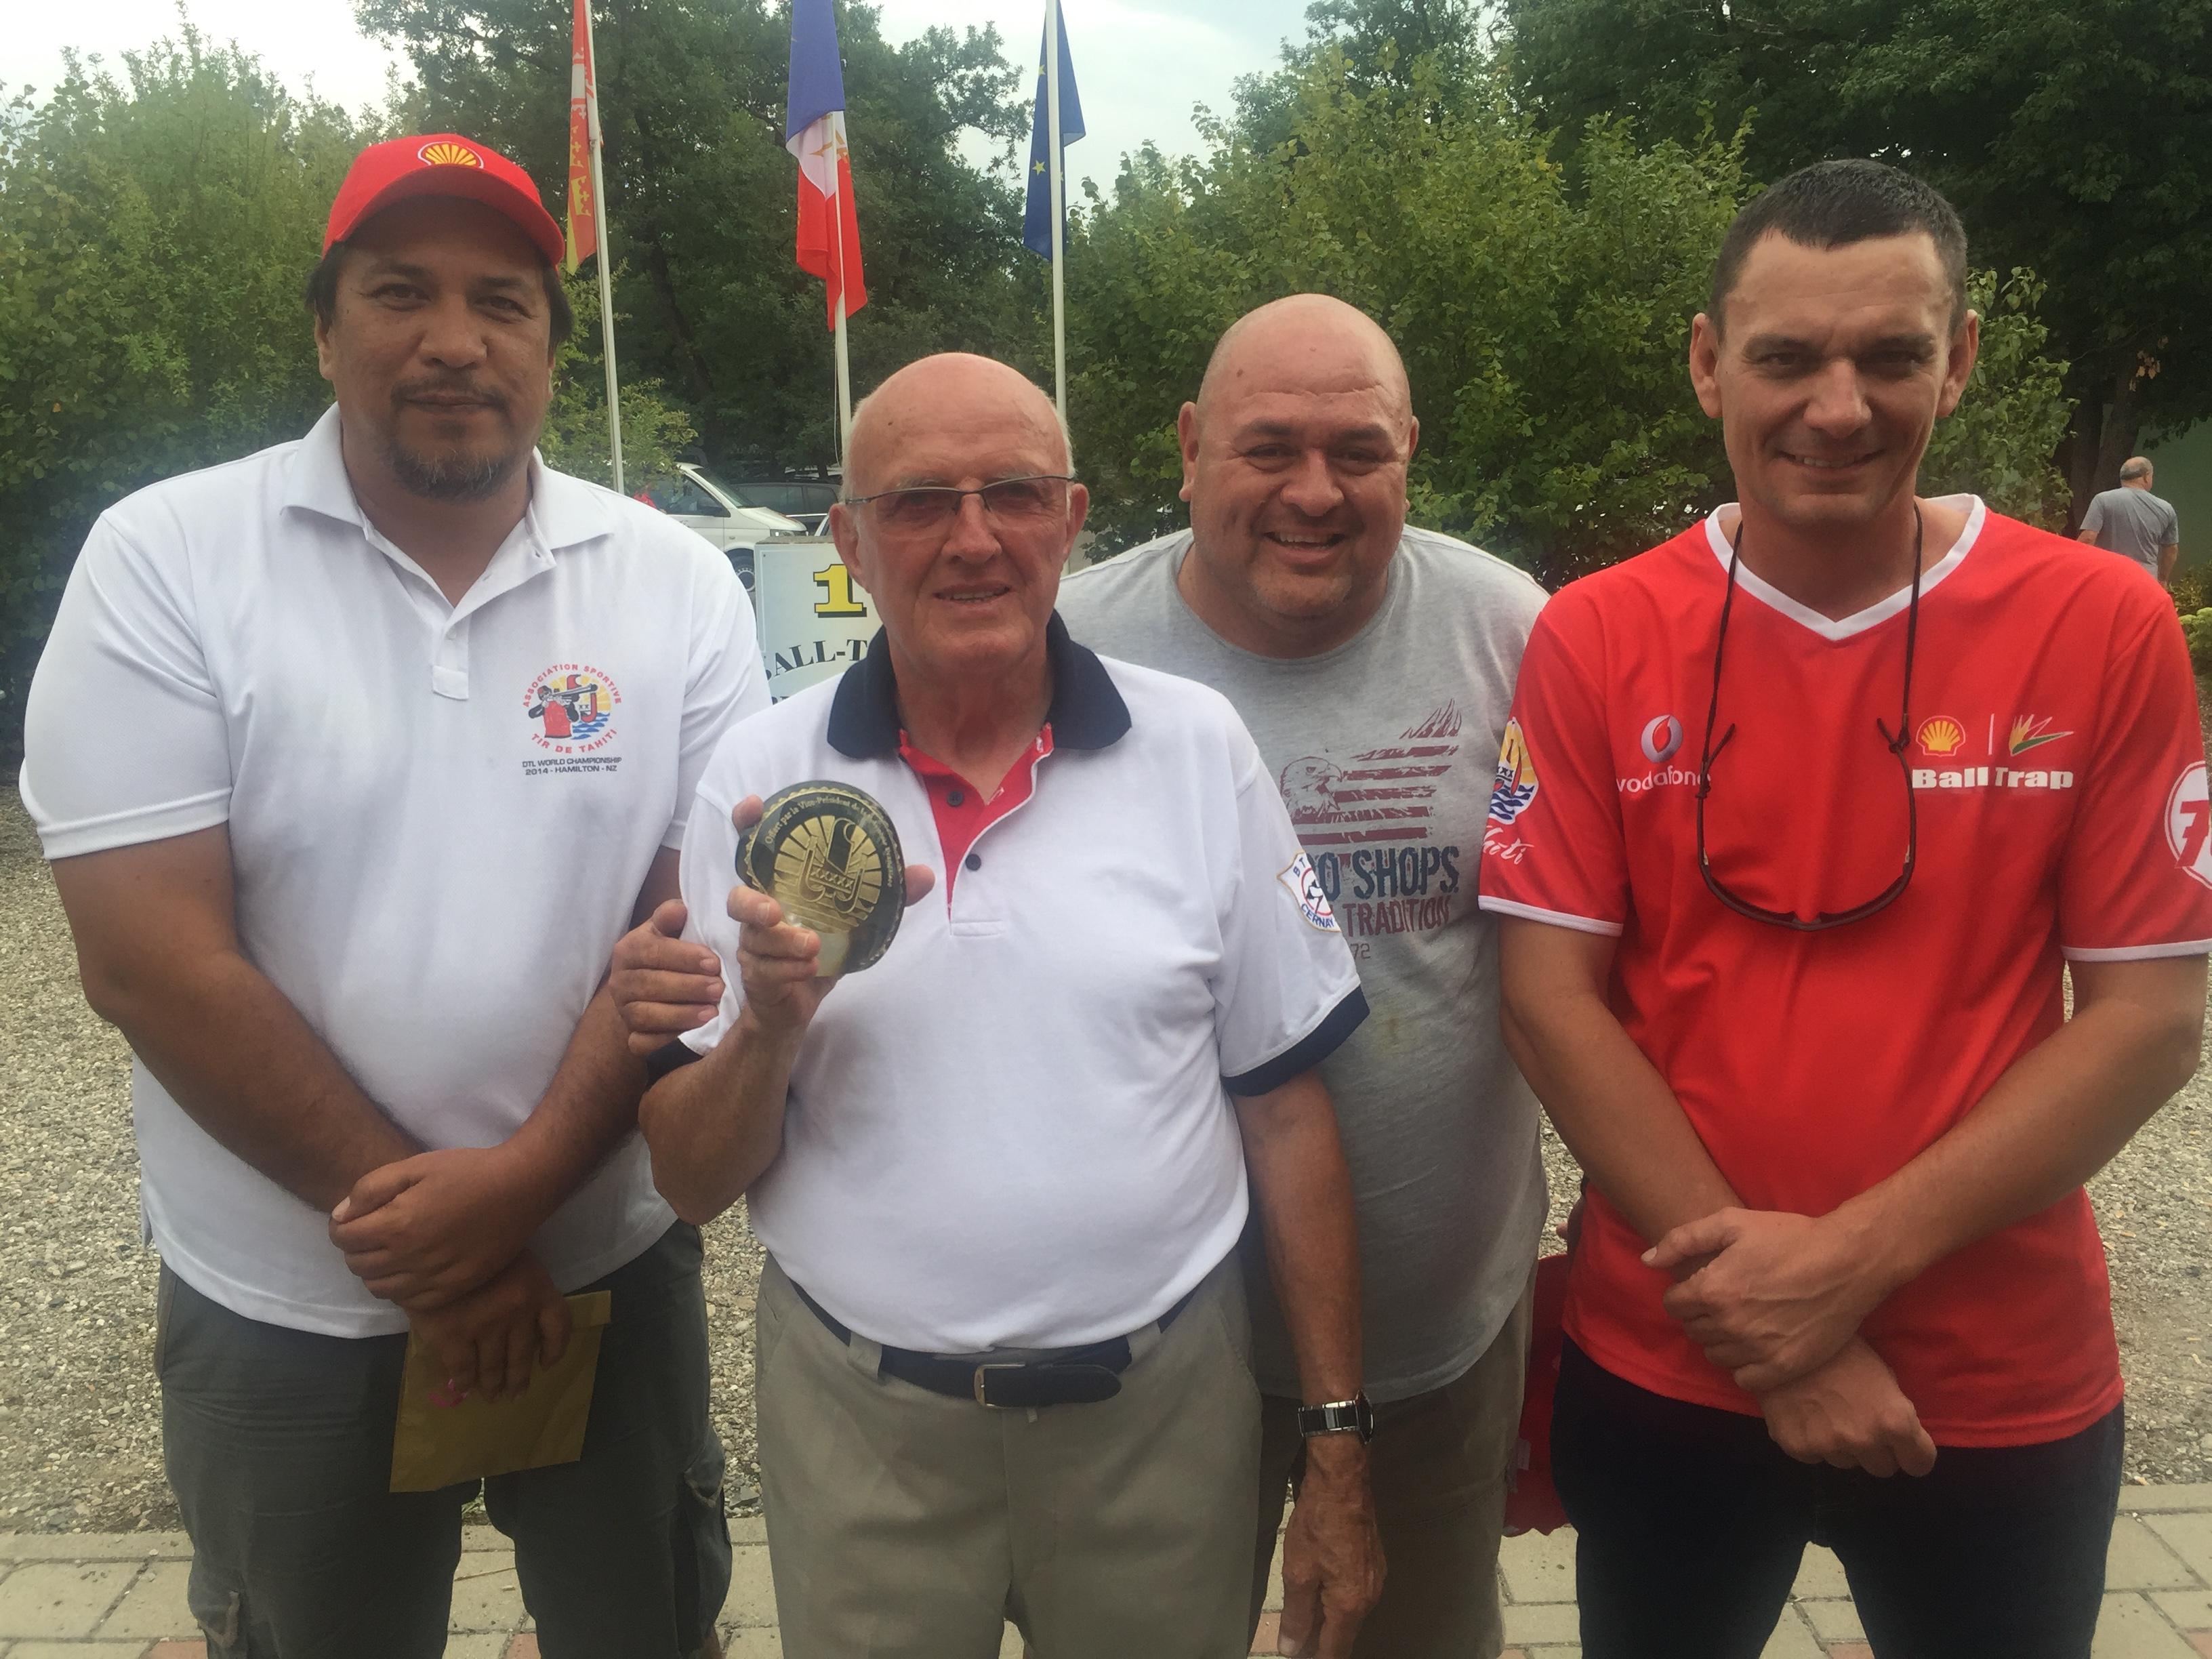 La volonté des trois tireurs a été félicitée par Pierre Wenger, le Président du club de Cernay.